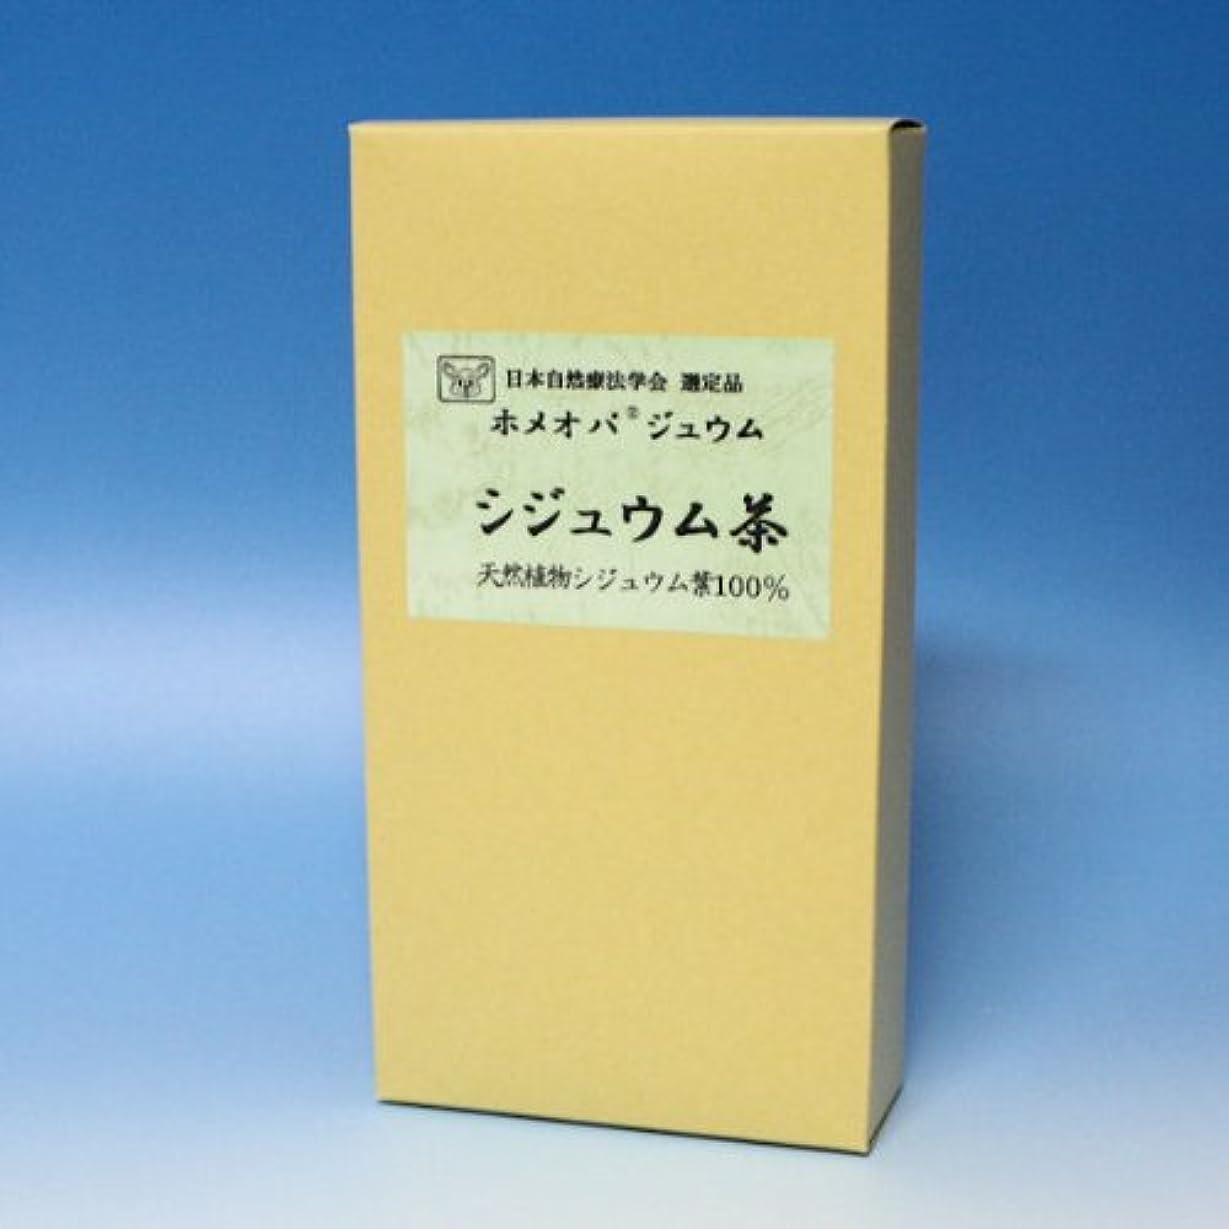 熟考するお手伝いさん忙しいシジュウム茶0.5g×90包